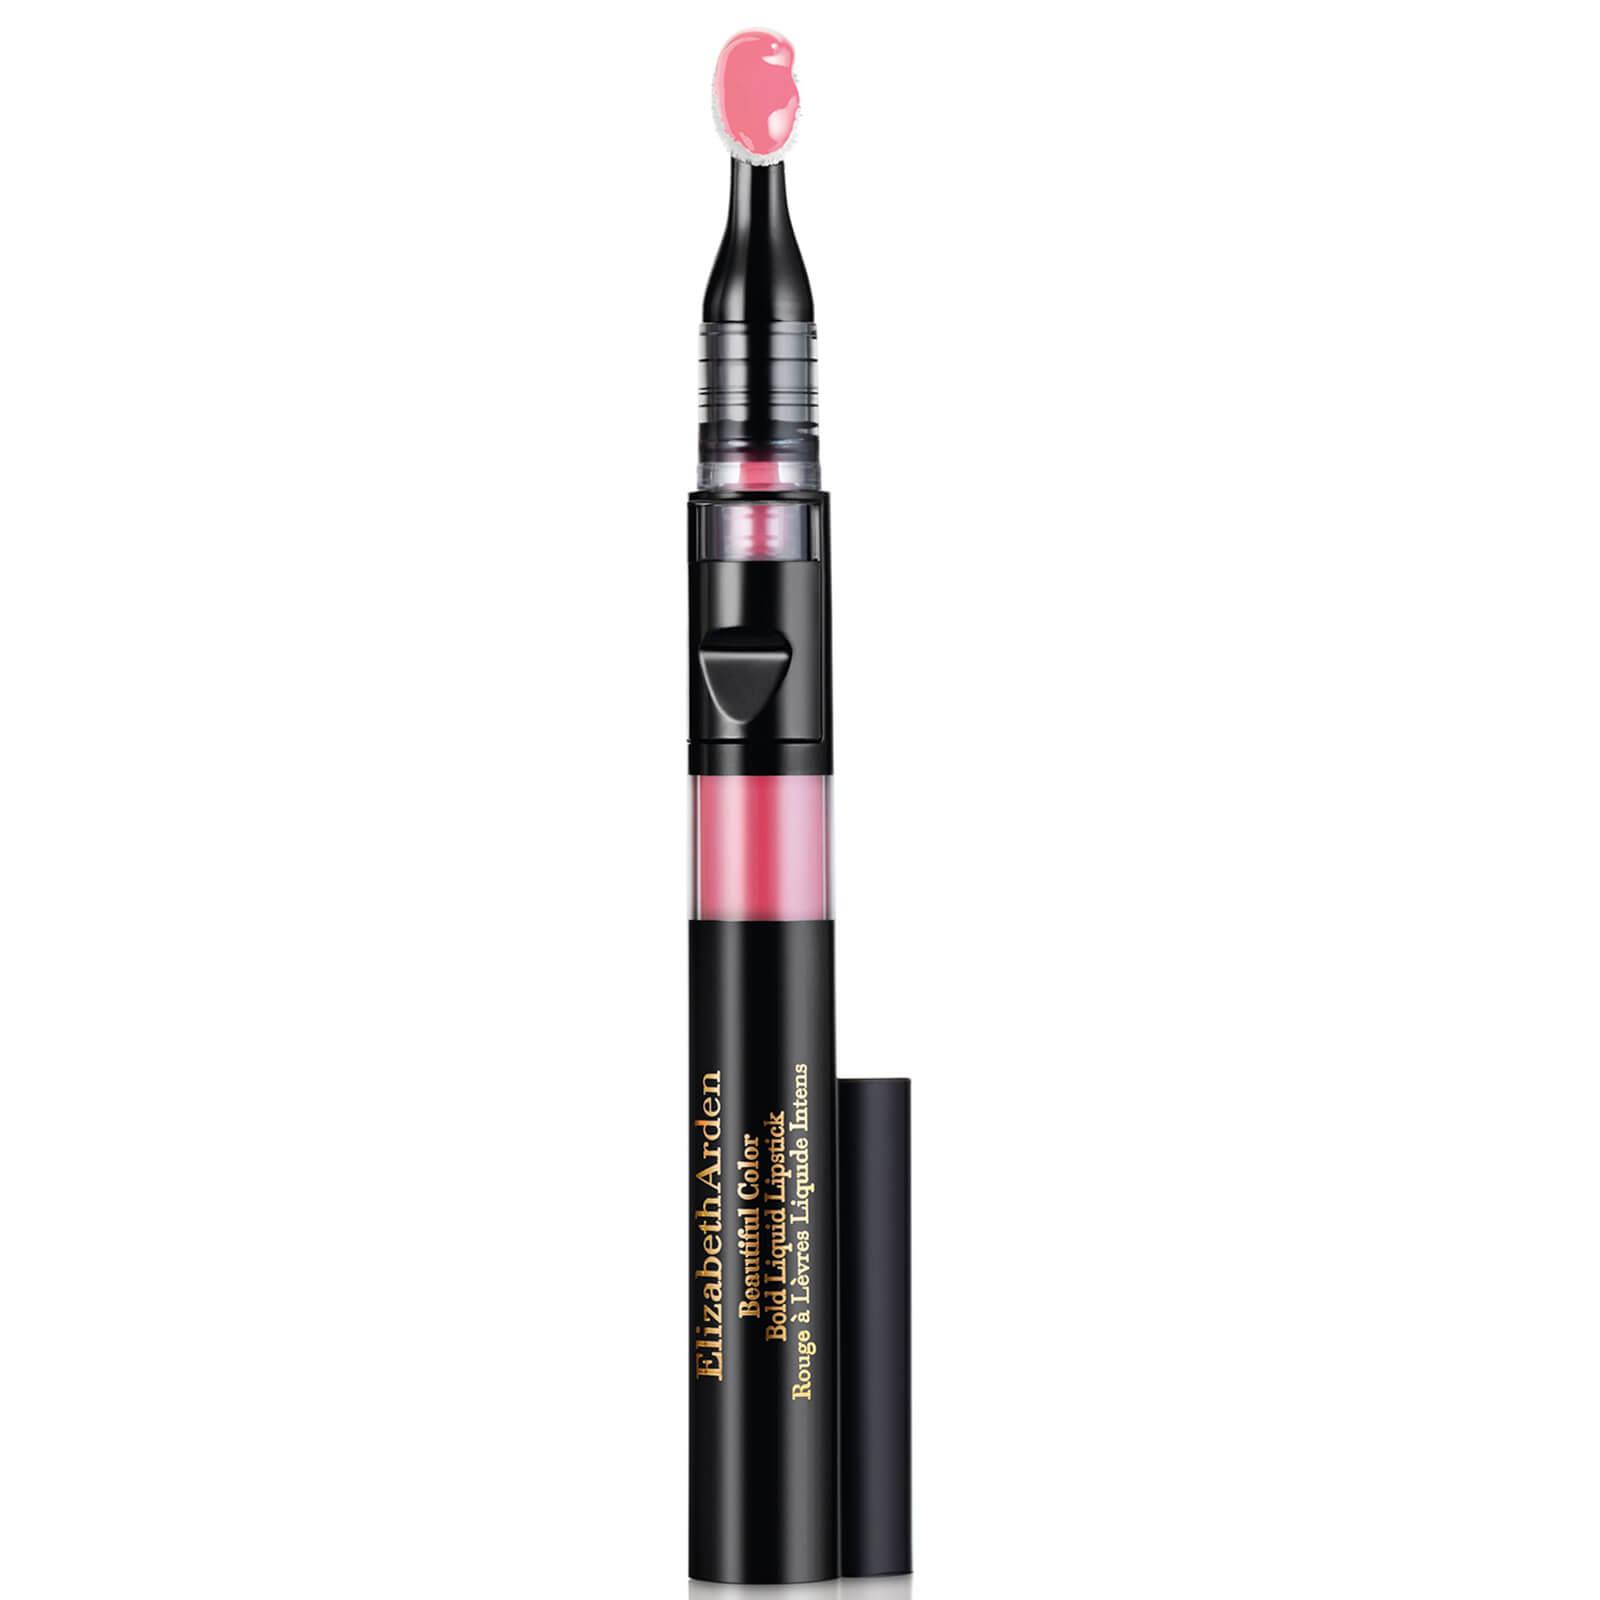 Brillo de labios Beautiful Color de Elizabeth Arden (varios tonos) - Gone Pink 01